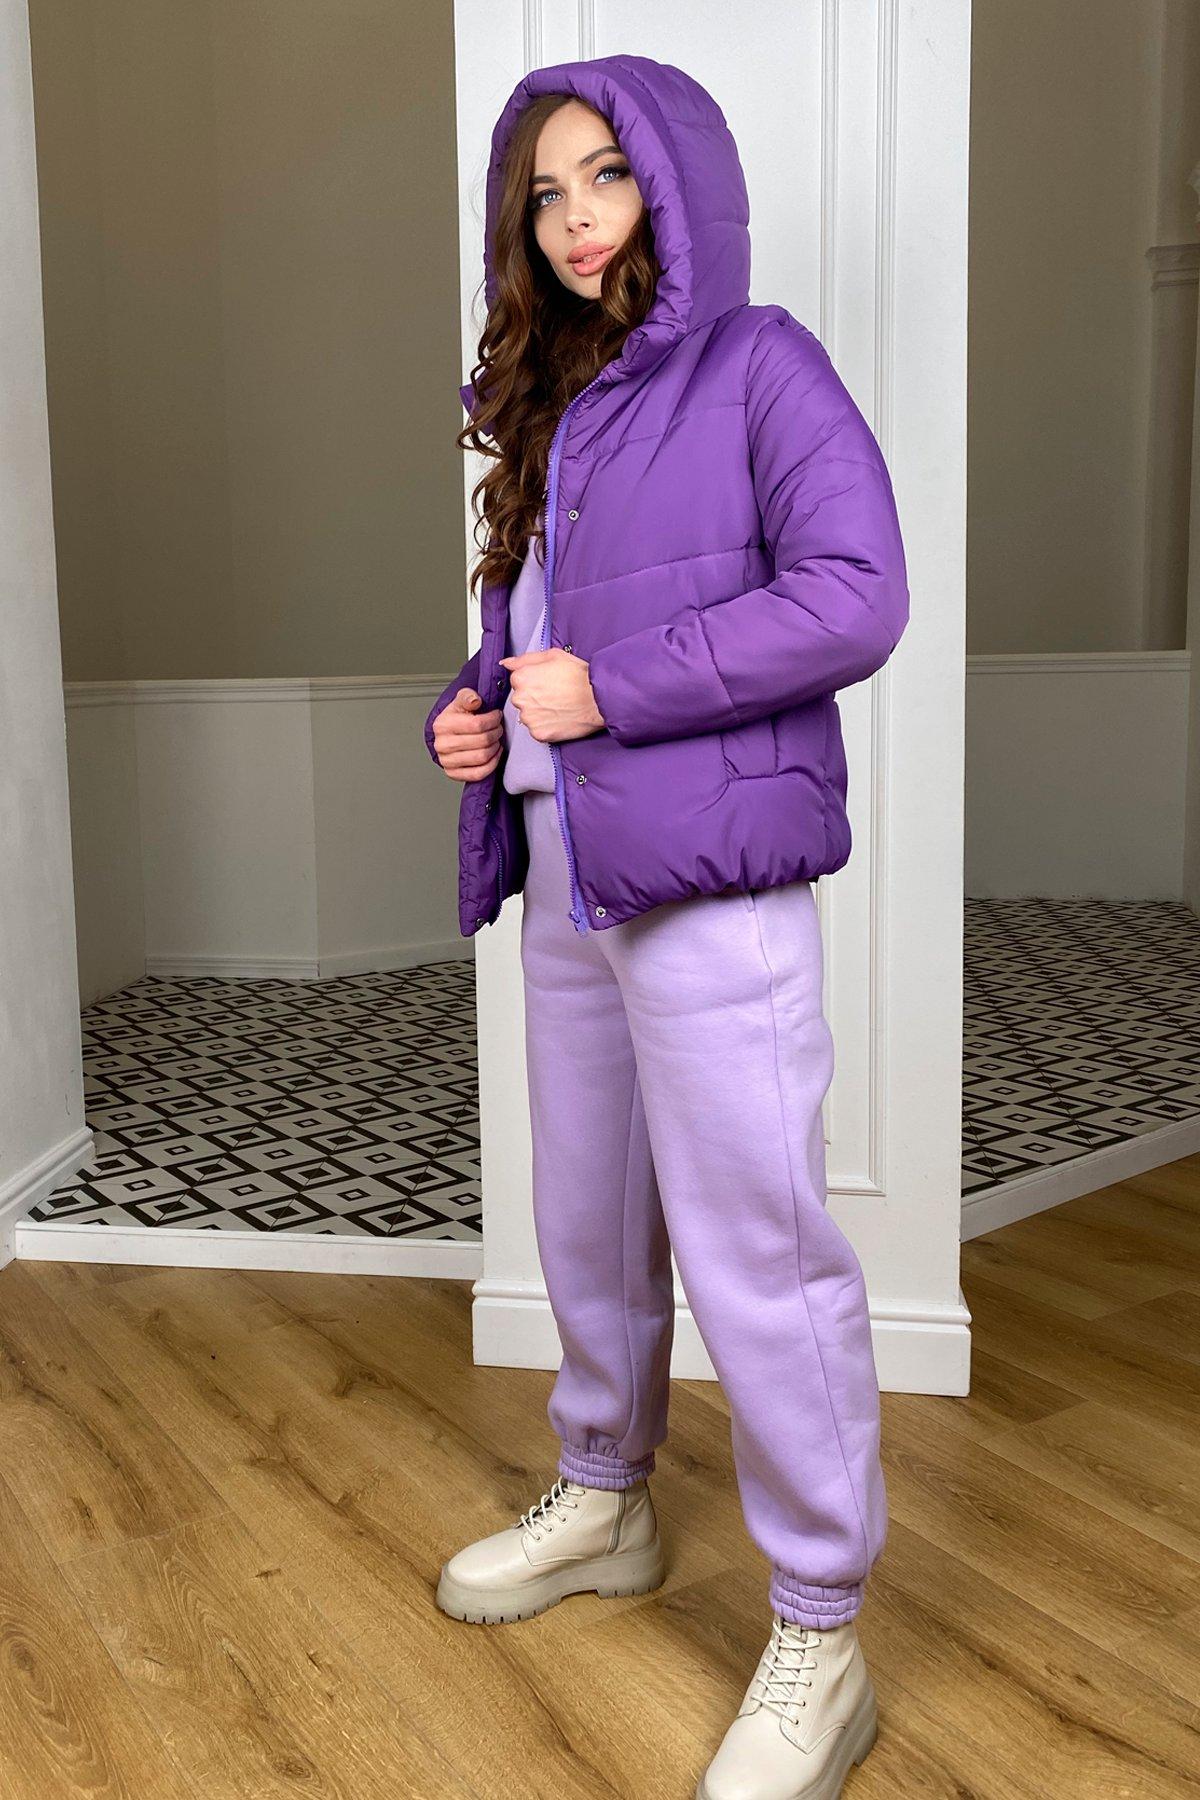 Рито  куртка из плащевой ткани Ammy  10443 АРТ. 46763 Цвет: Сиреневый 861 - фото 3, интернет магазин tm-modus.ru